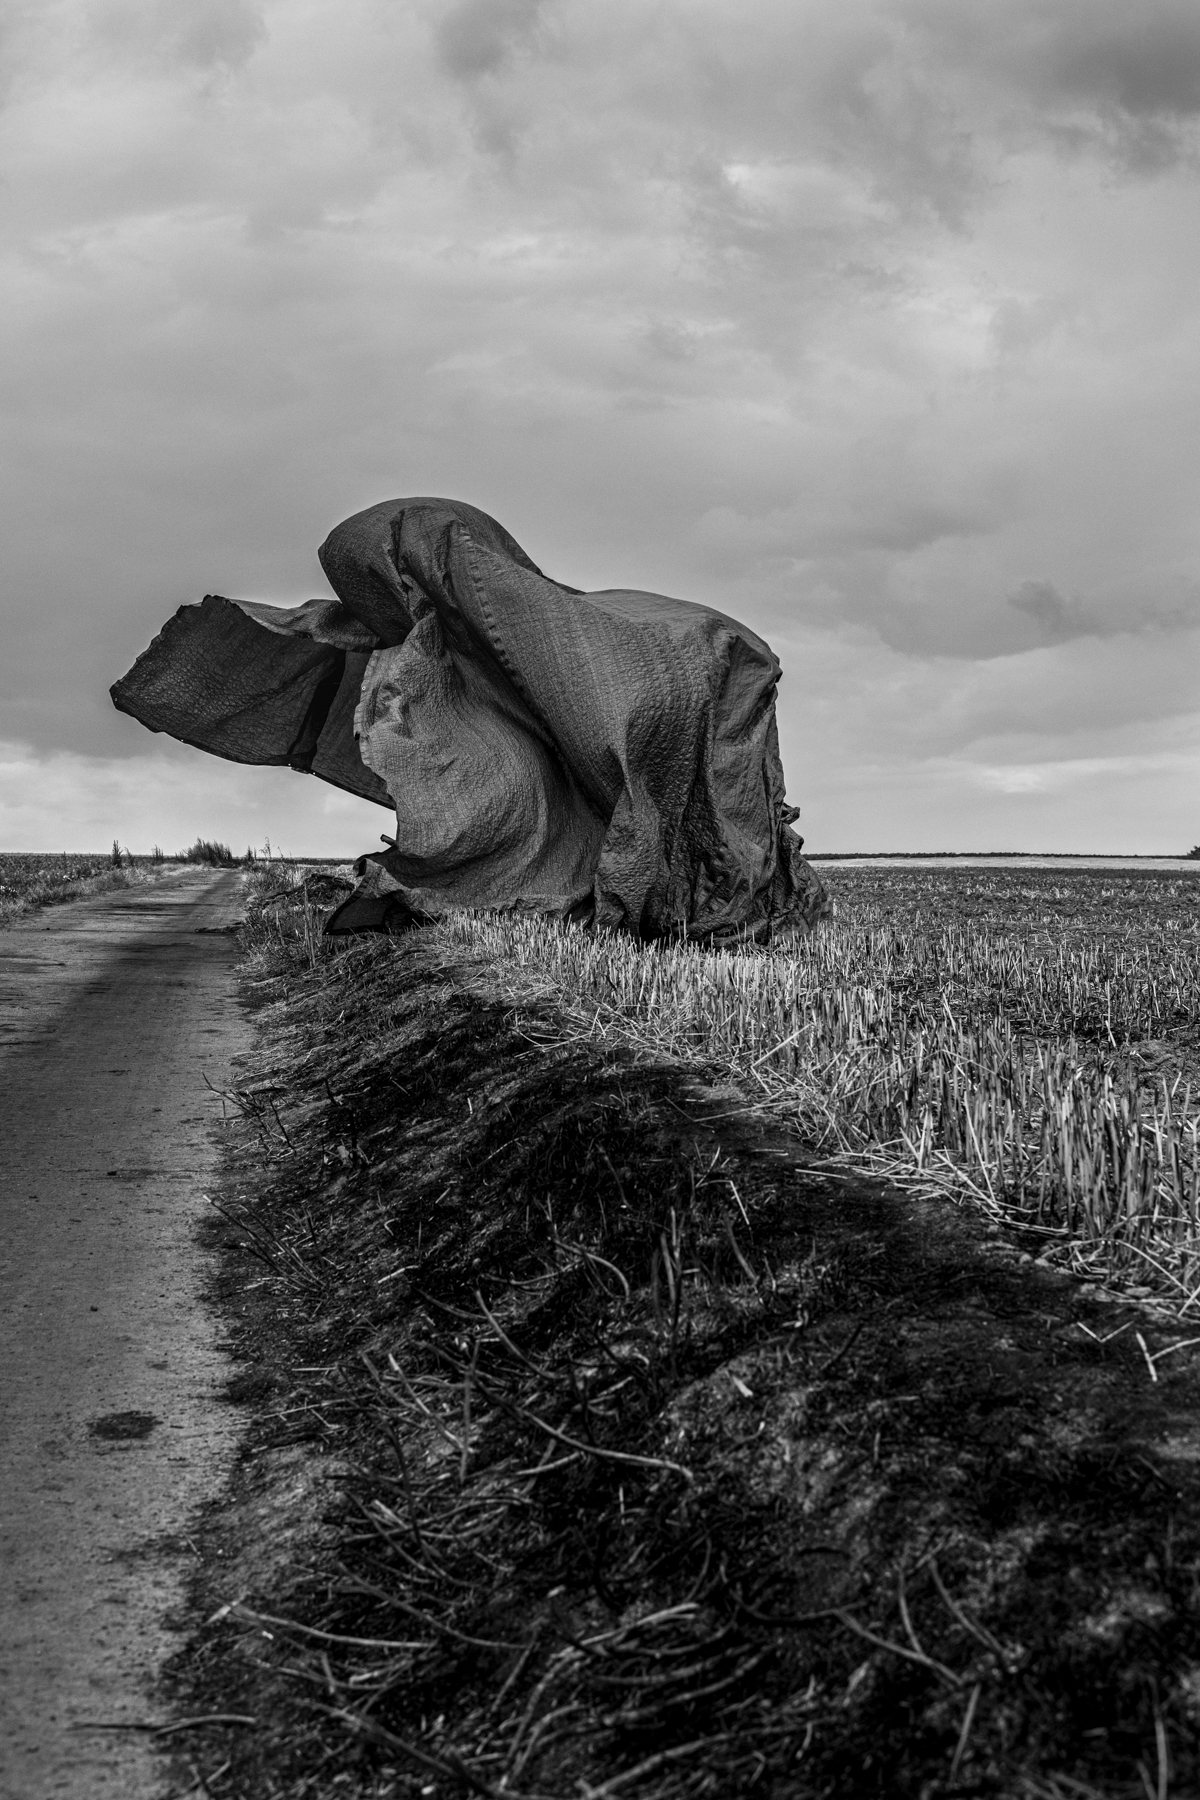 © Sébastien Van Malleghem